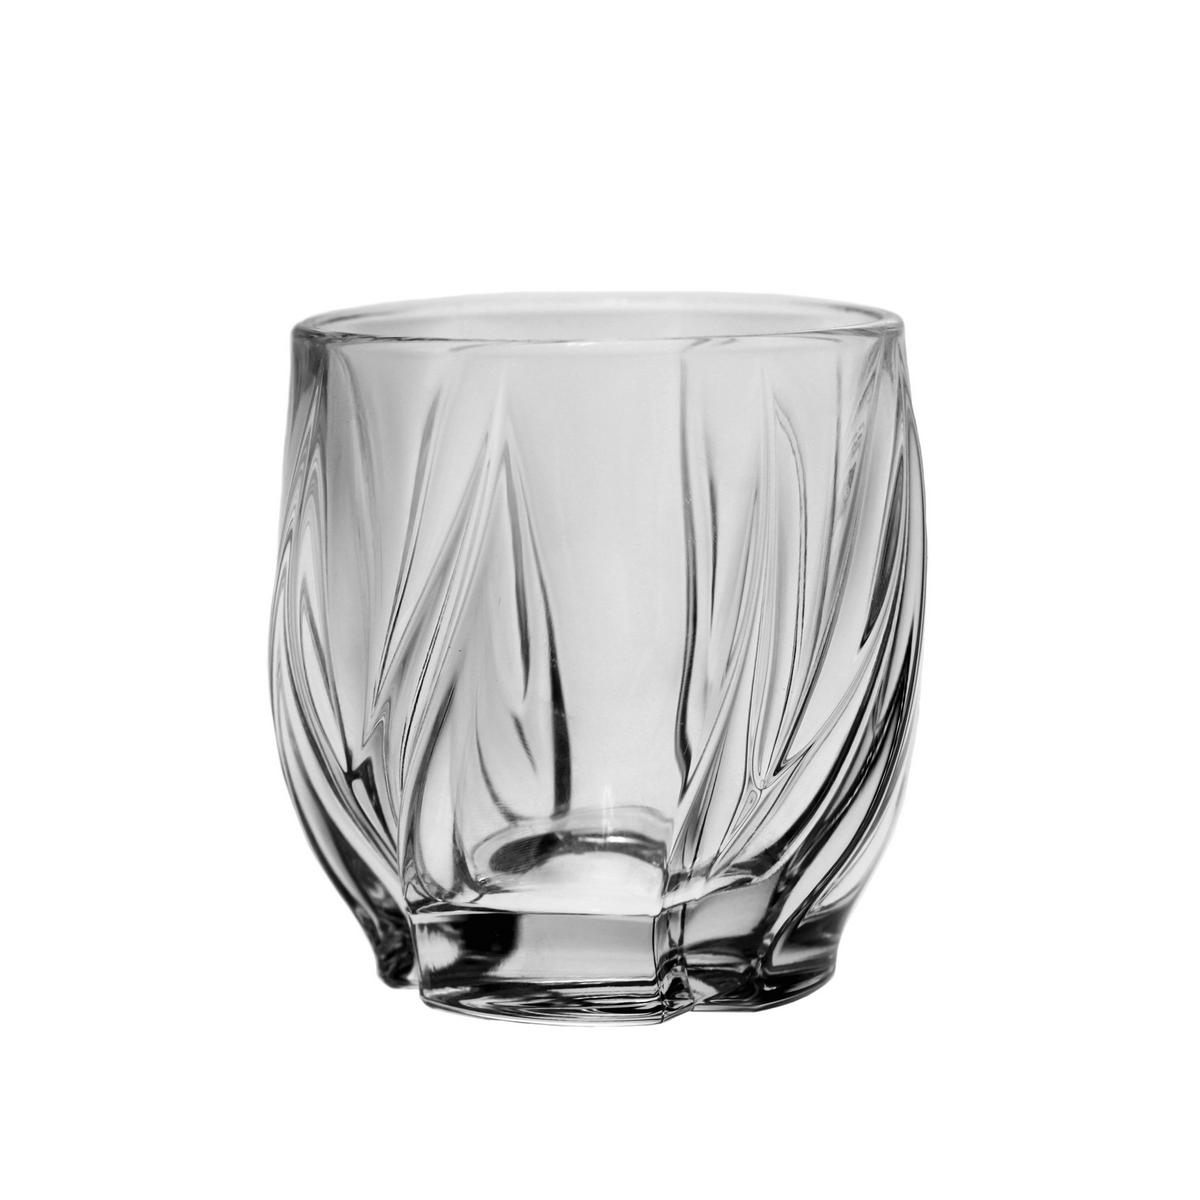 Bromelias Set 6 Pahare Cristal Bohemia Whisky 350 Ml 2021 aranjareamesei.ro